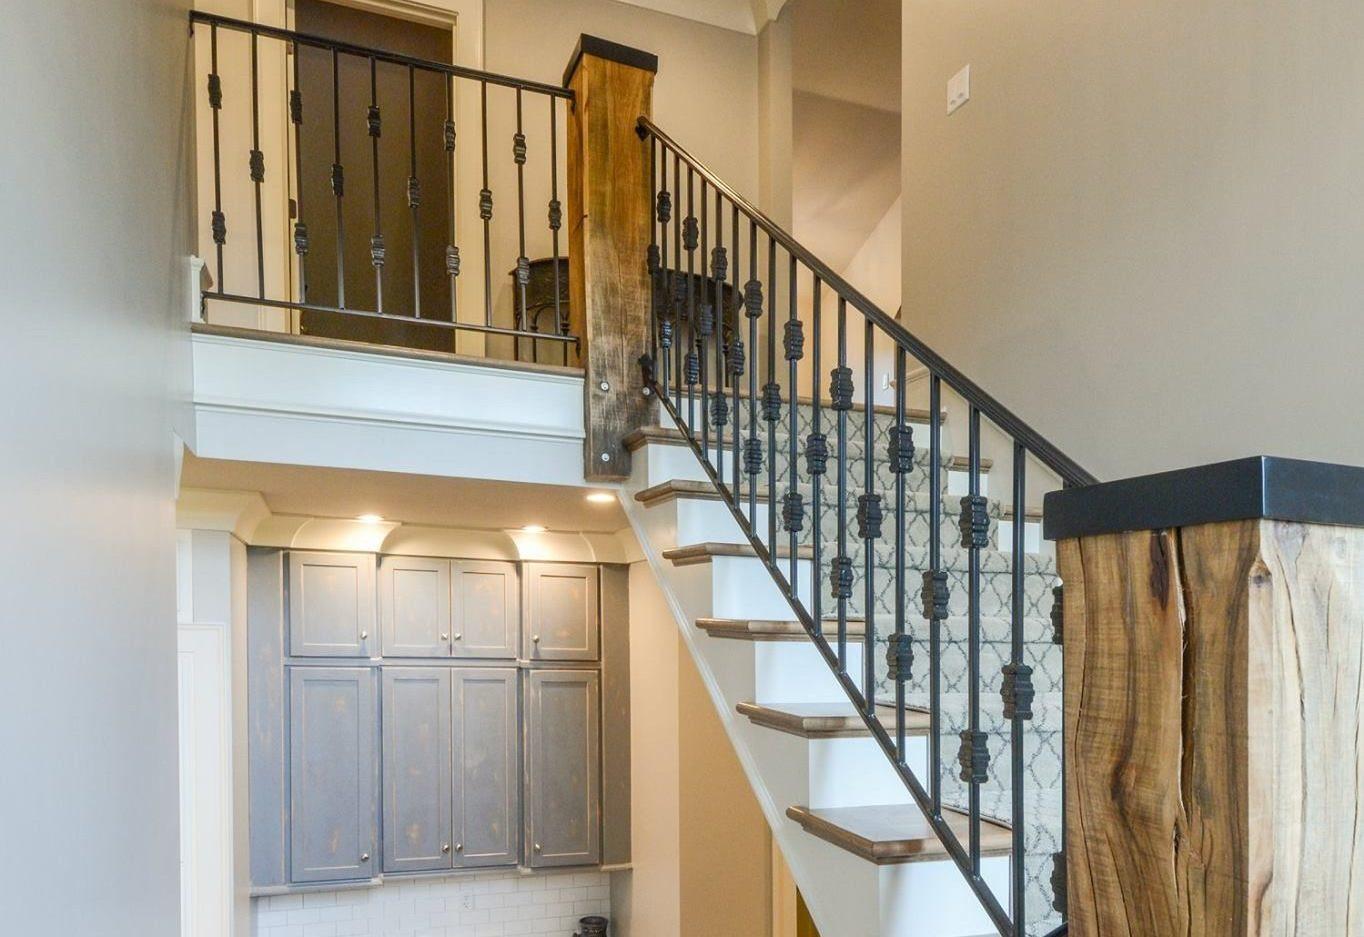 Best ideas about Indoor Stair Railings . Save or Pin Custom Metal Stair Railings Louisville Ky Now.